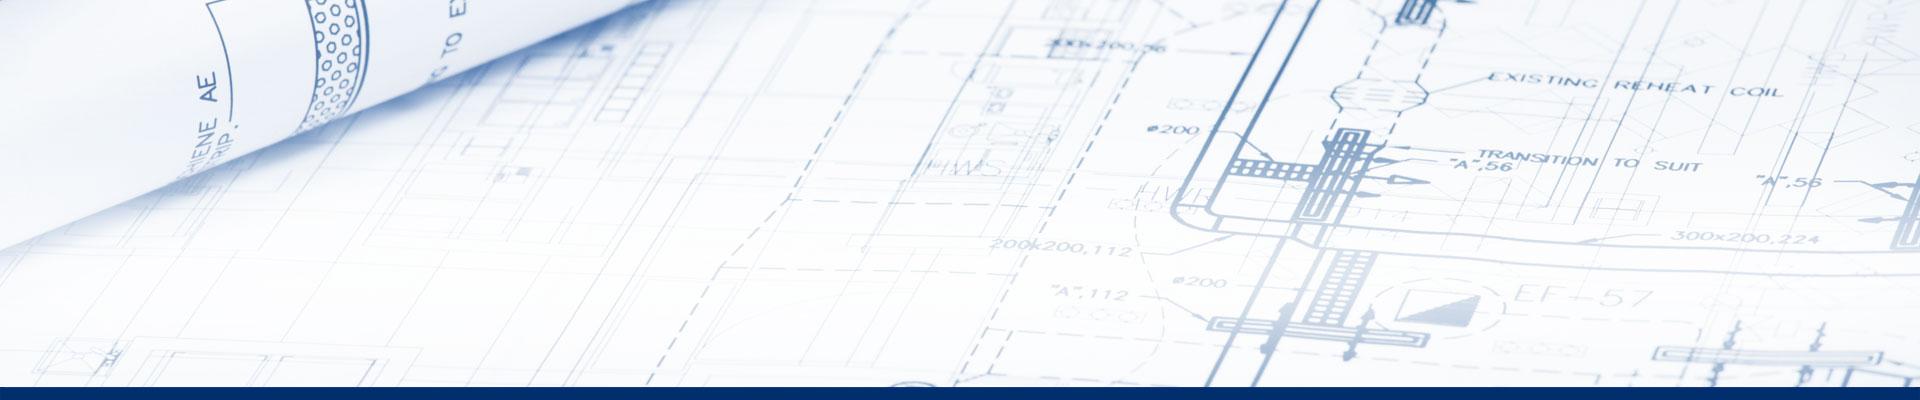 BlueprintSlider